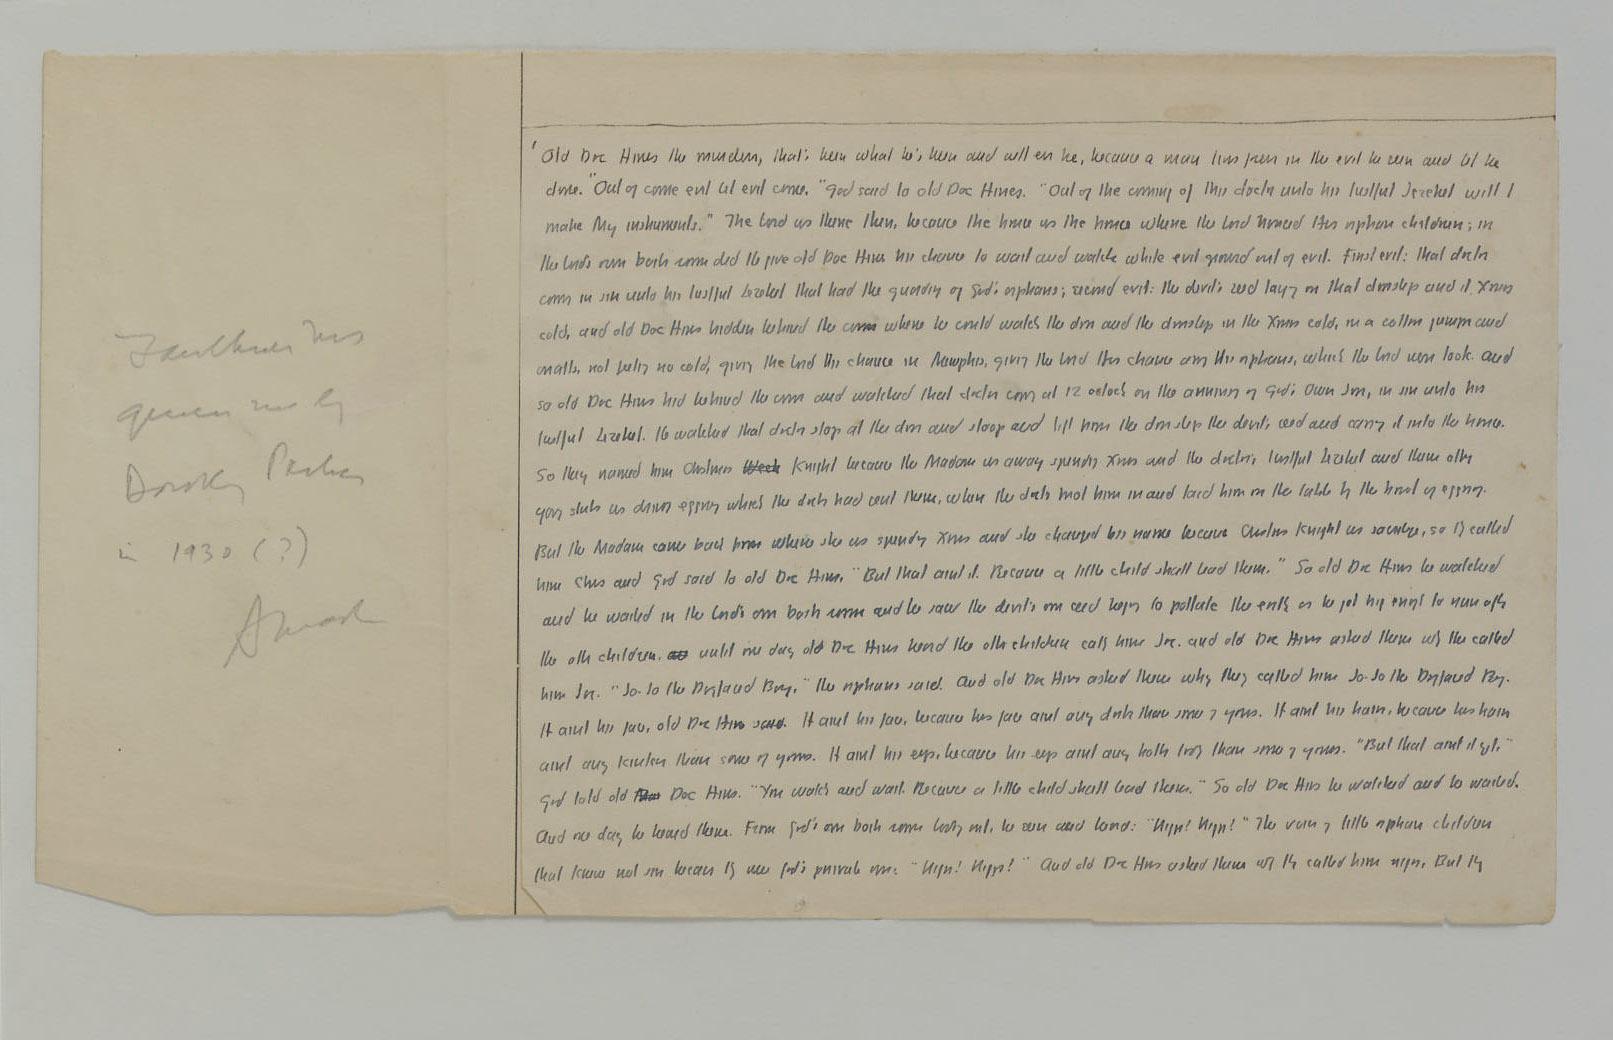 FAULKNER, William. Autograph m